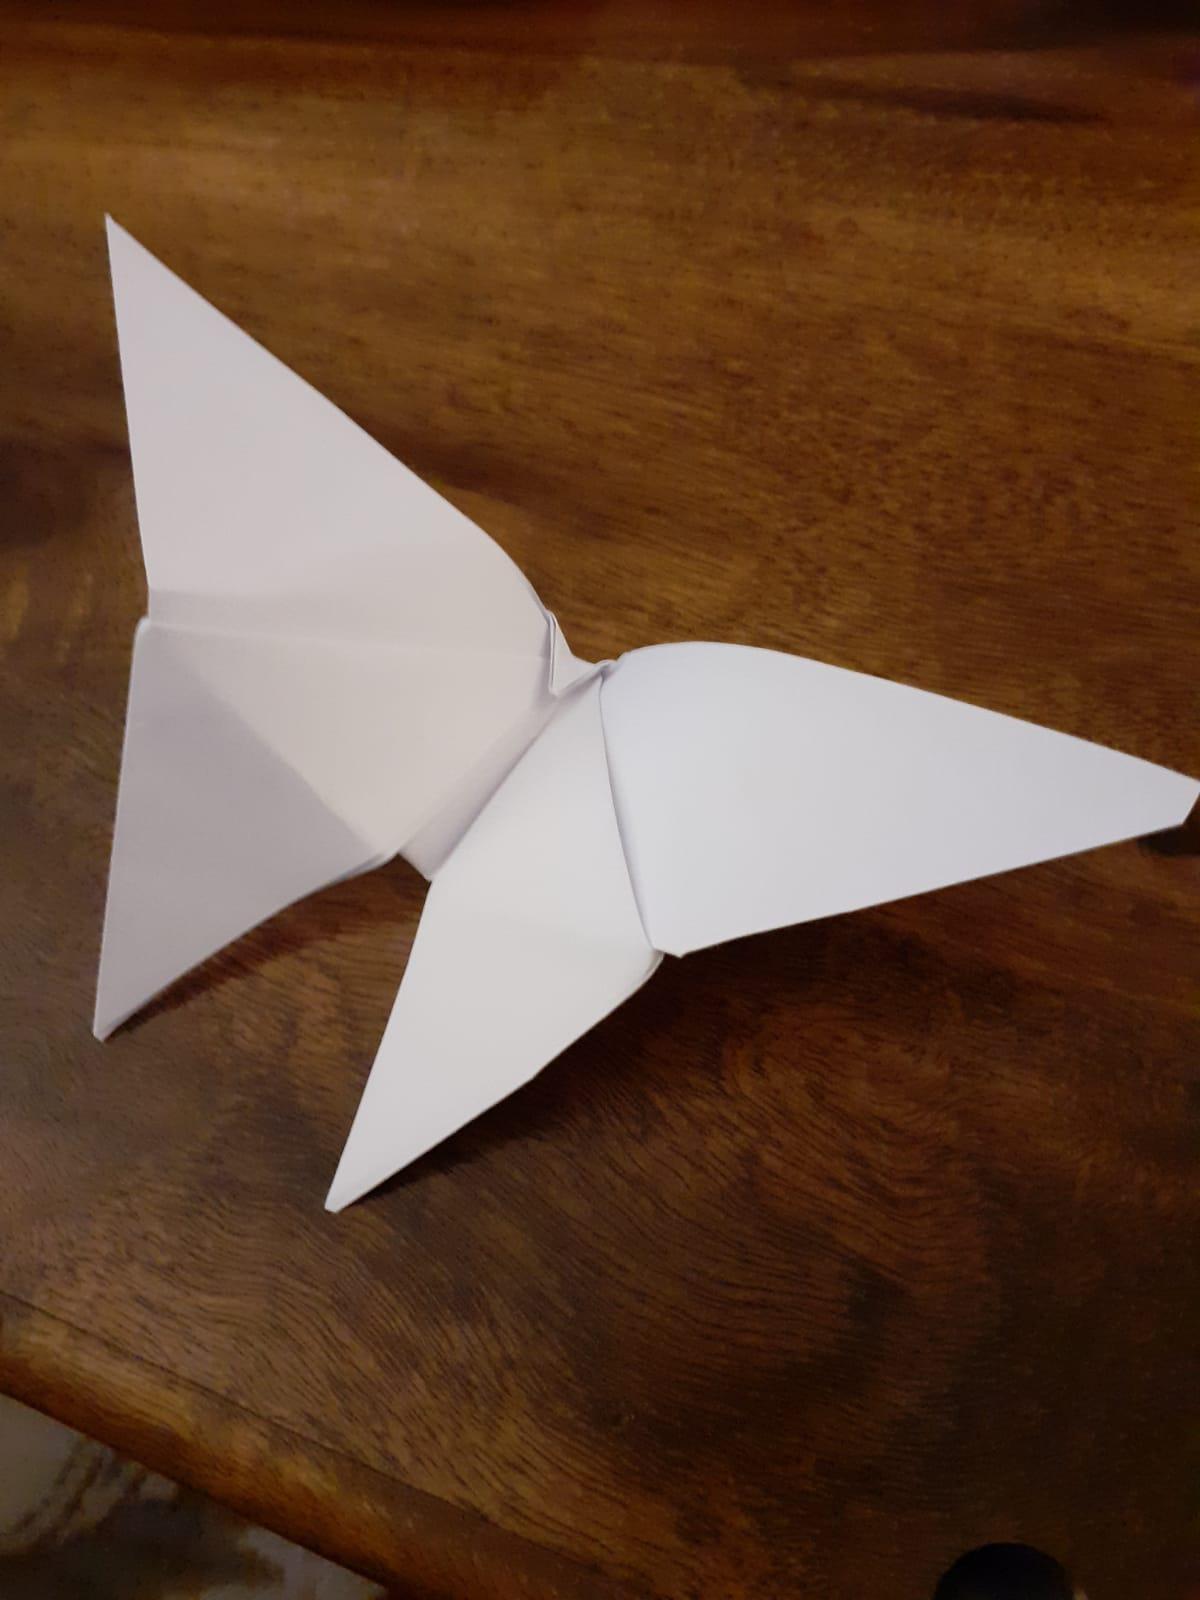 Ang origami 1